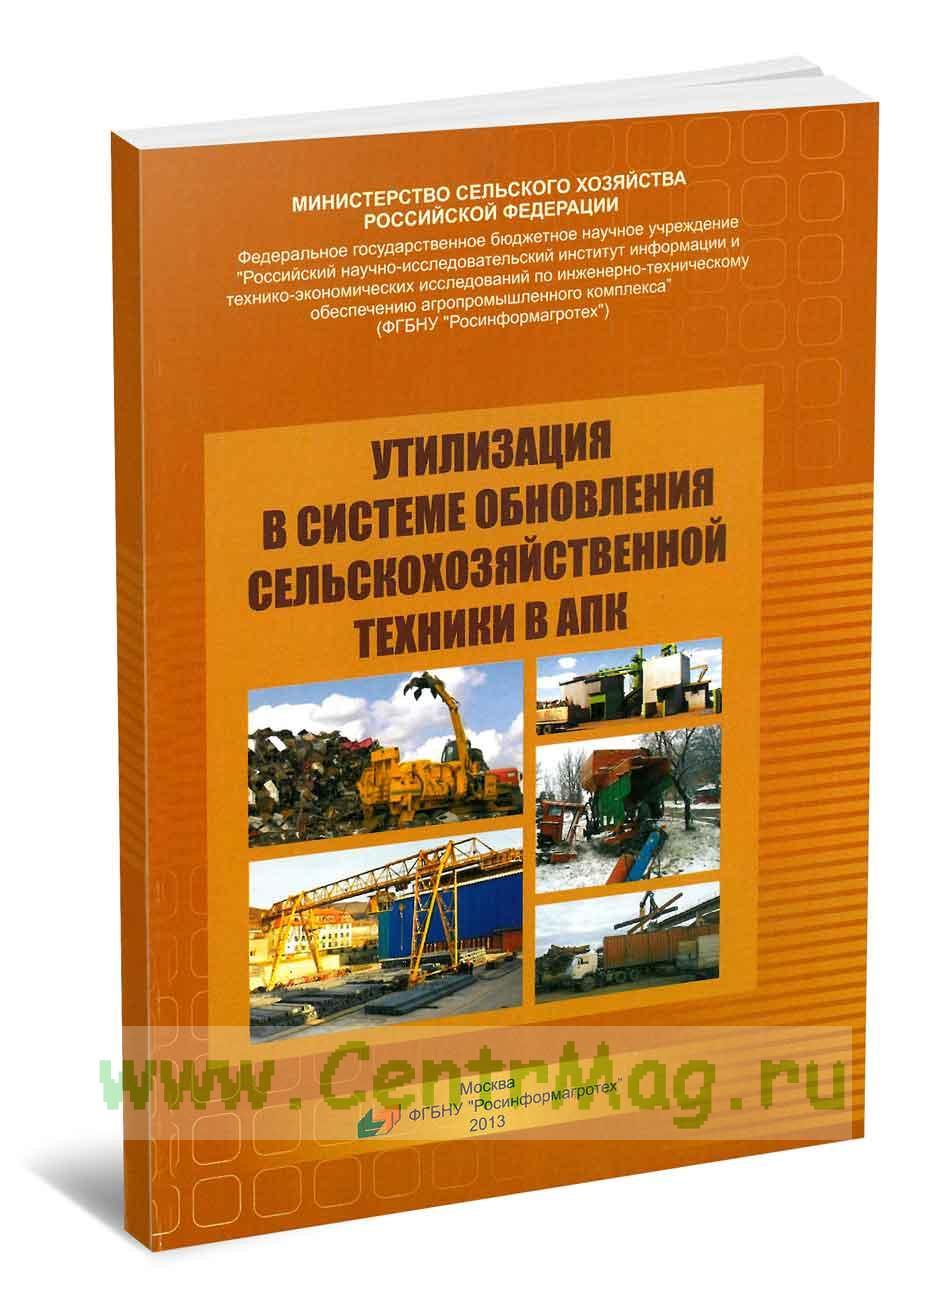 Утилизация в системе обновления сельскохозяйственной техники в АПК